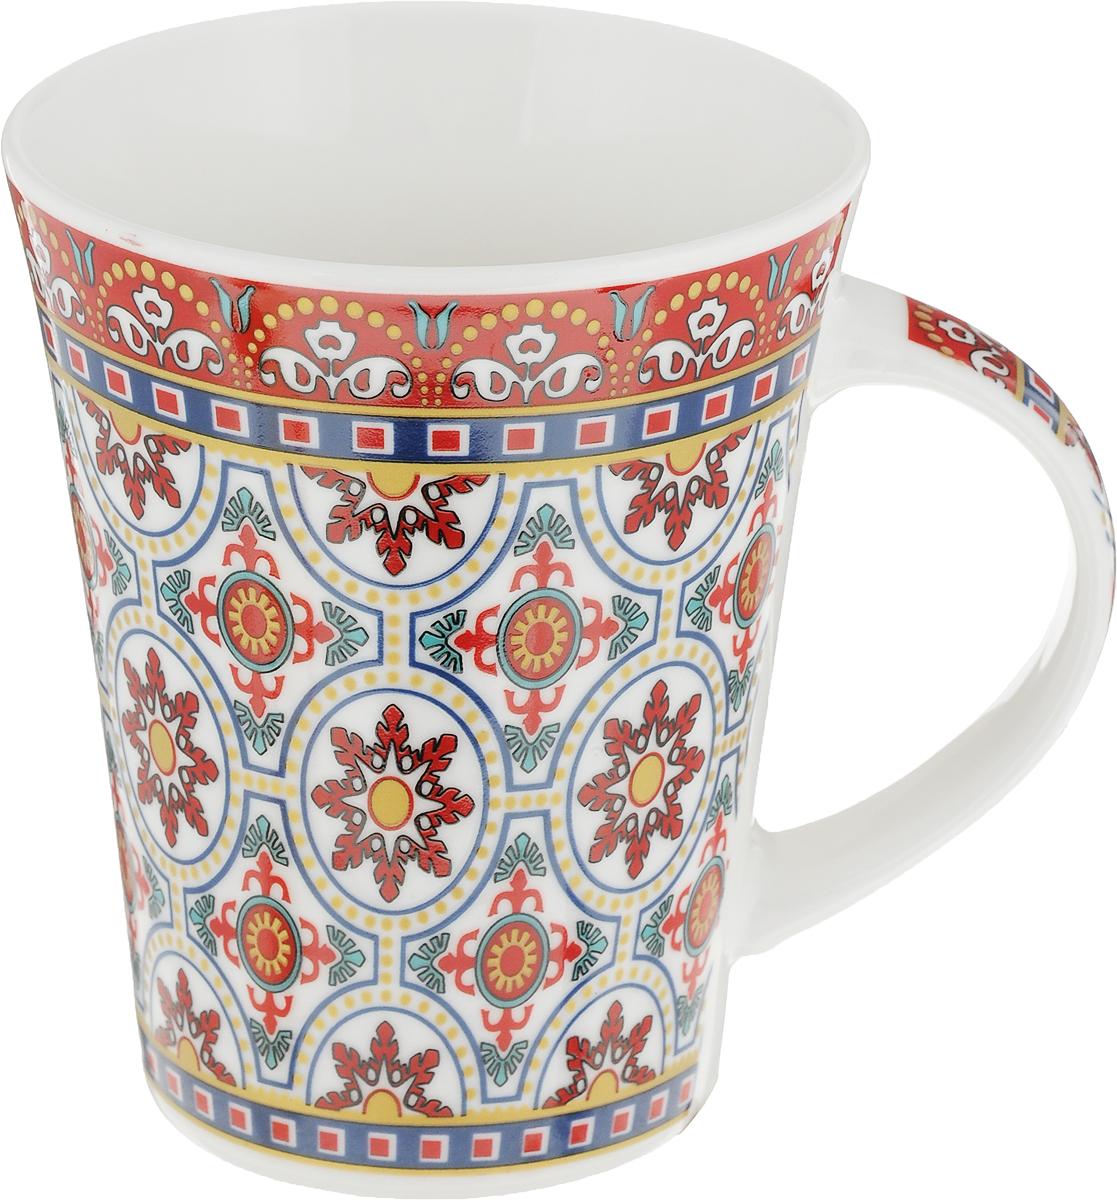 Кружка Ningbo Royal Бухара, цвет: красный, бирюзовый, 330 млRUCH001_красный, бирюзовыйКружка Ningbo Royal Бухара, выполненная из фарфора, сочетает в себе изысканный дизайн и функциональность. Классическая форма кружки и удобная ручка позволят вам в полной мере насладиться вкусом любого напитка. Фарфоровая столовая посуда Ningbo Royal удивит вас приятным сочетанием отменного качества фарфора, классическими цветочными декорами. Посуда найдет свое применение как в городской квартире, так и в загородном доме. Классический декор будет одинаково хорошо смотреться в любое время года. Посуду из фарфора Ningbo Royal можно использовать в микроволновой печи и посудомоечной машине.